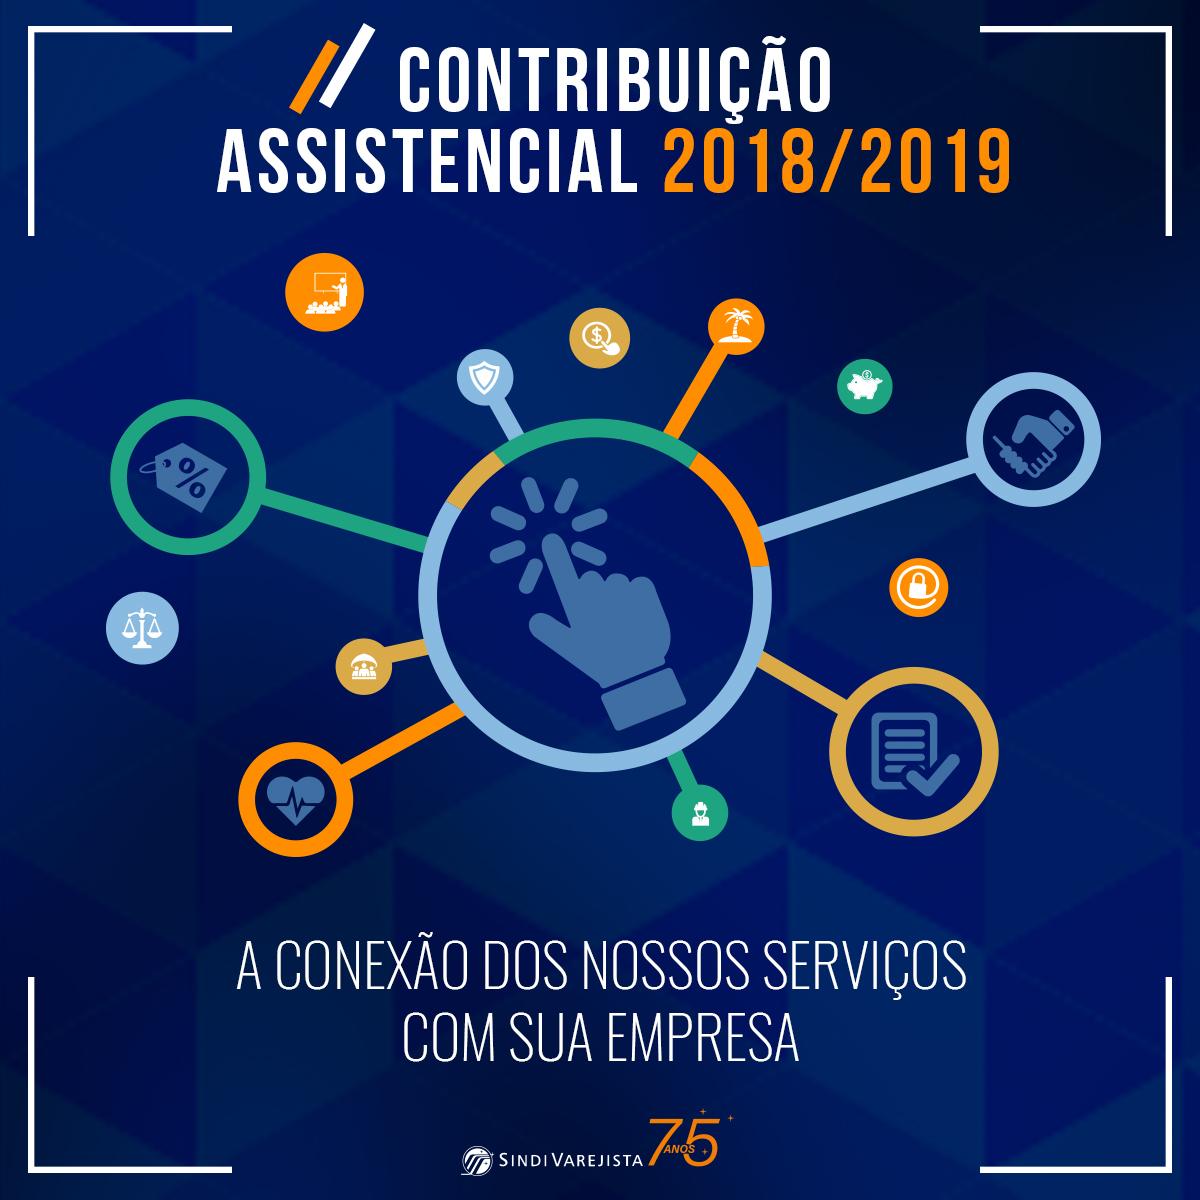 2ª parcela da Contribuição Assistencial vence no dia 30 de abril